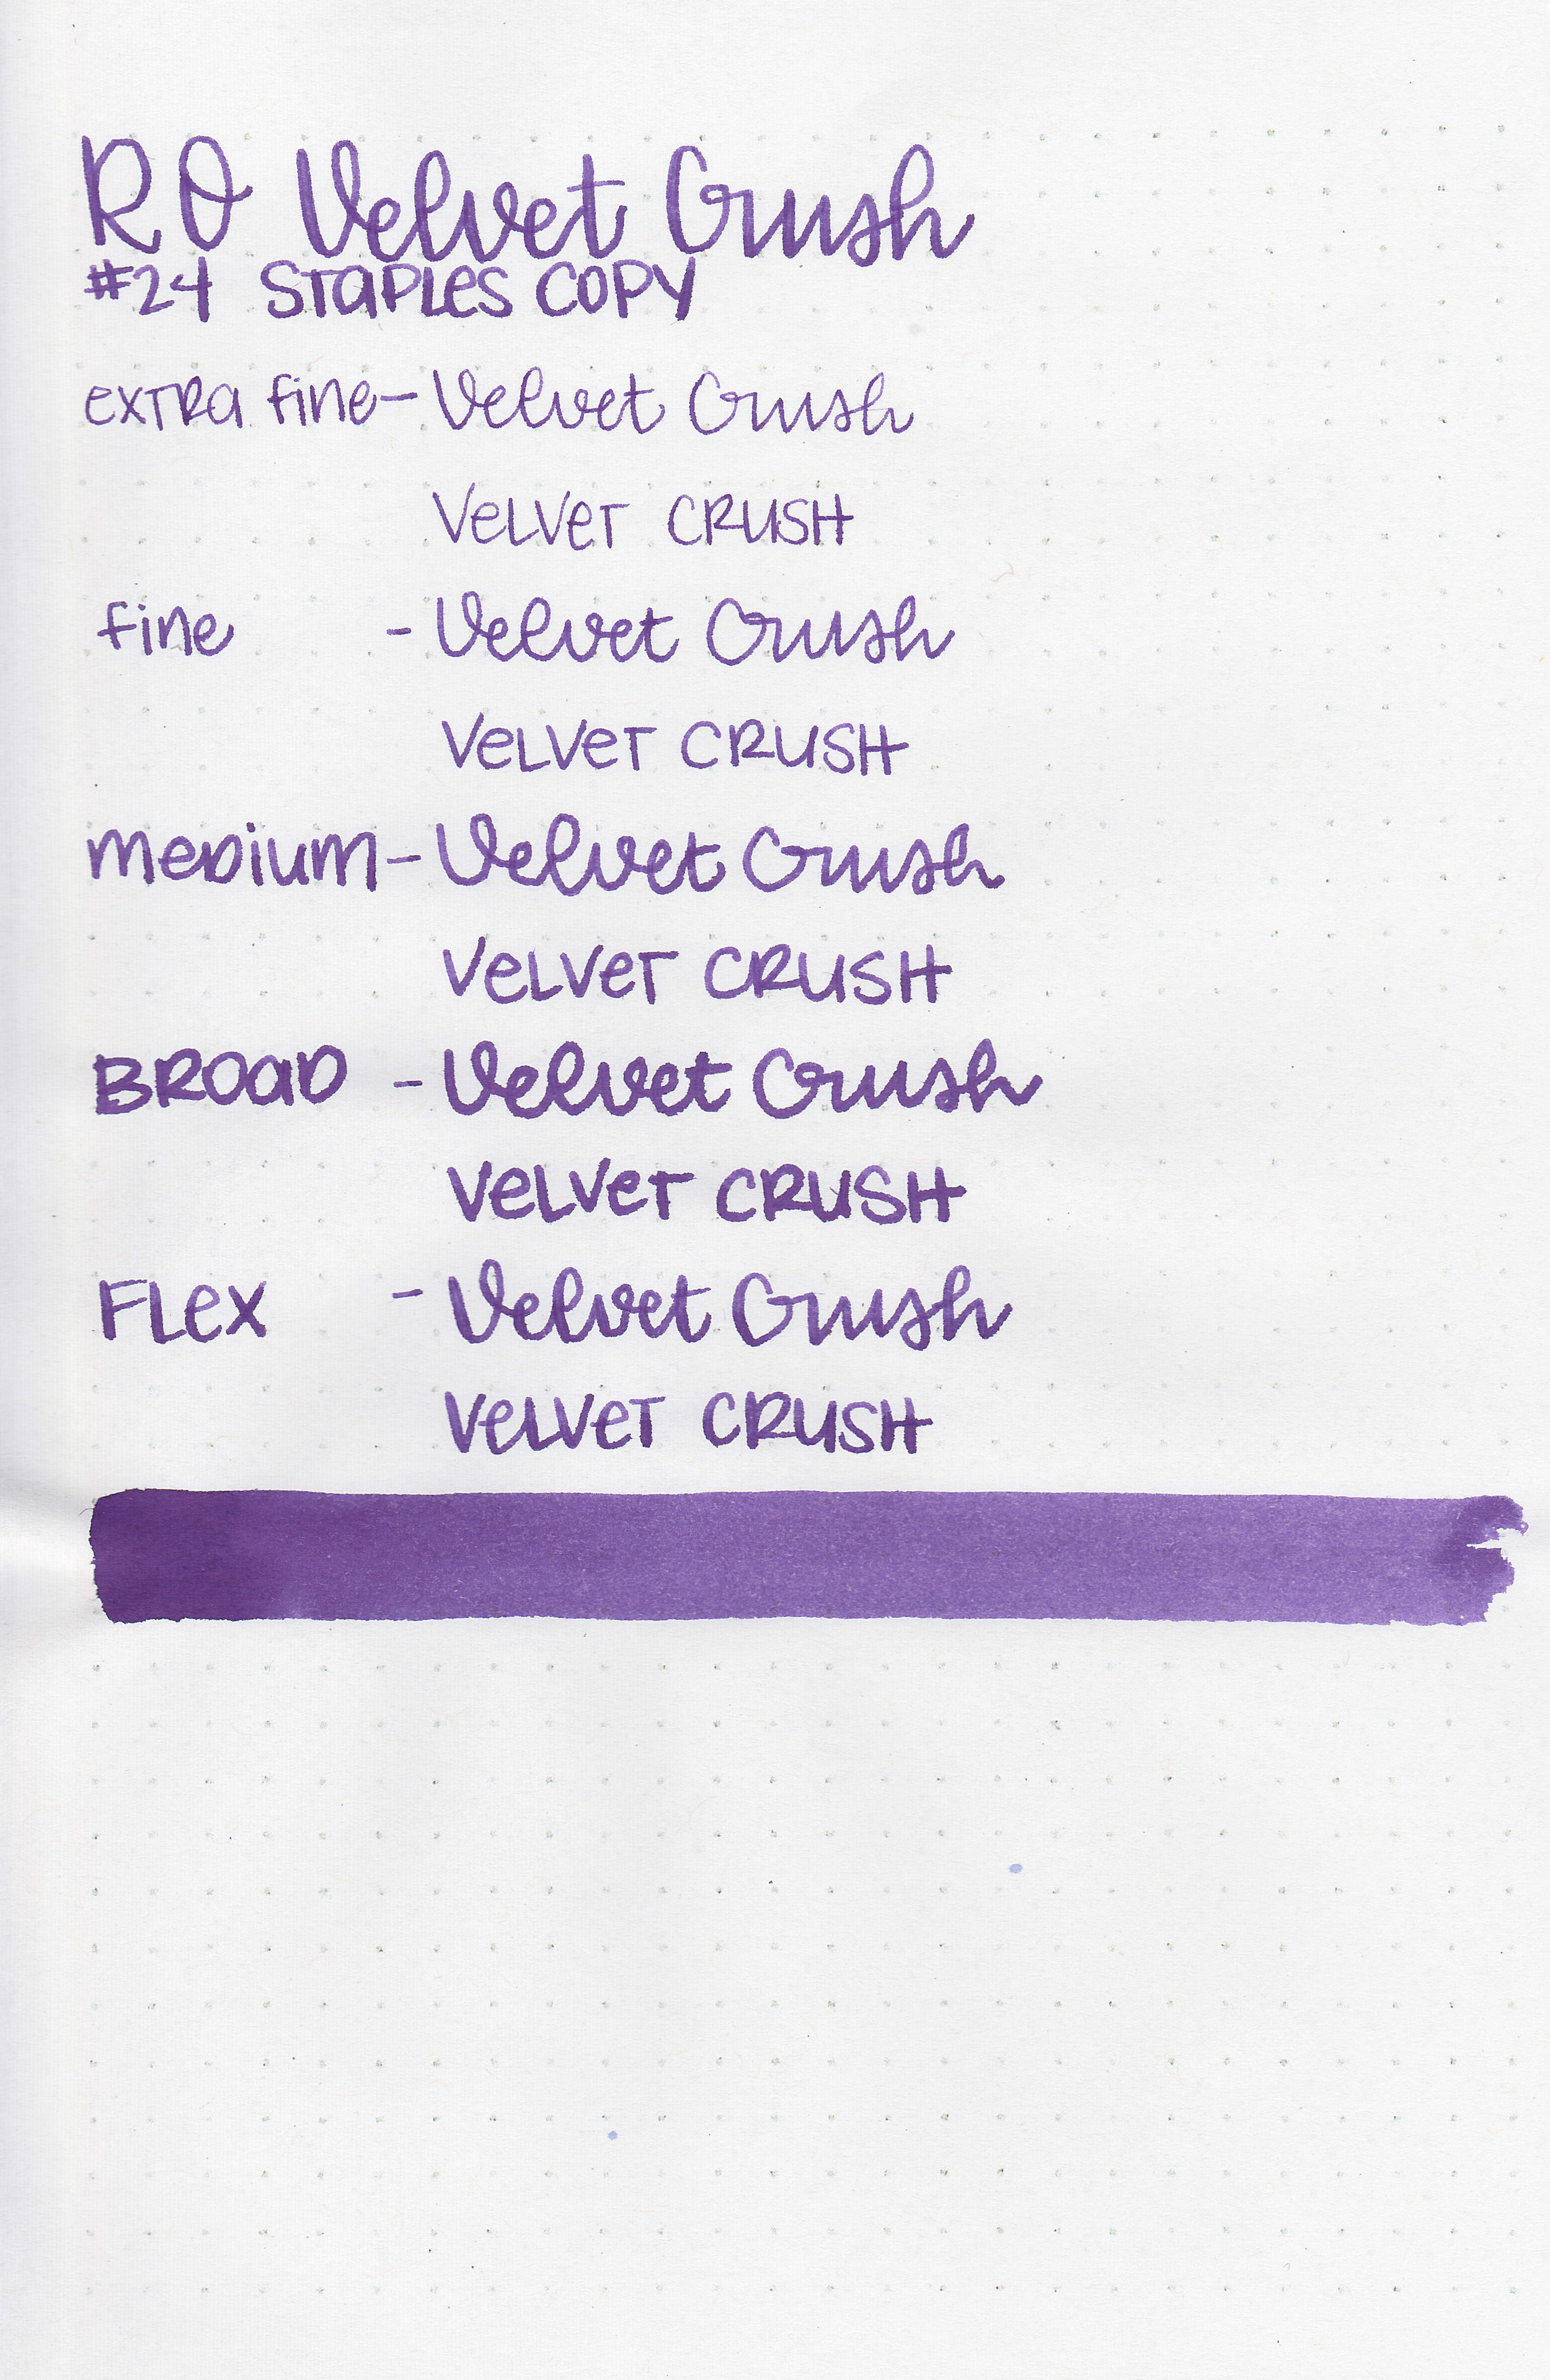 ro-velvet-crush-11.jpg